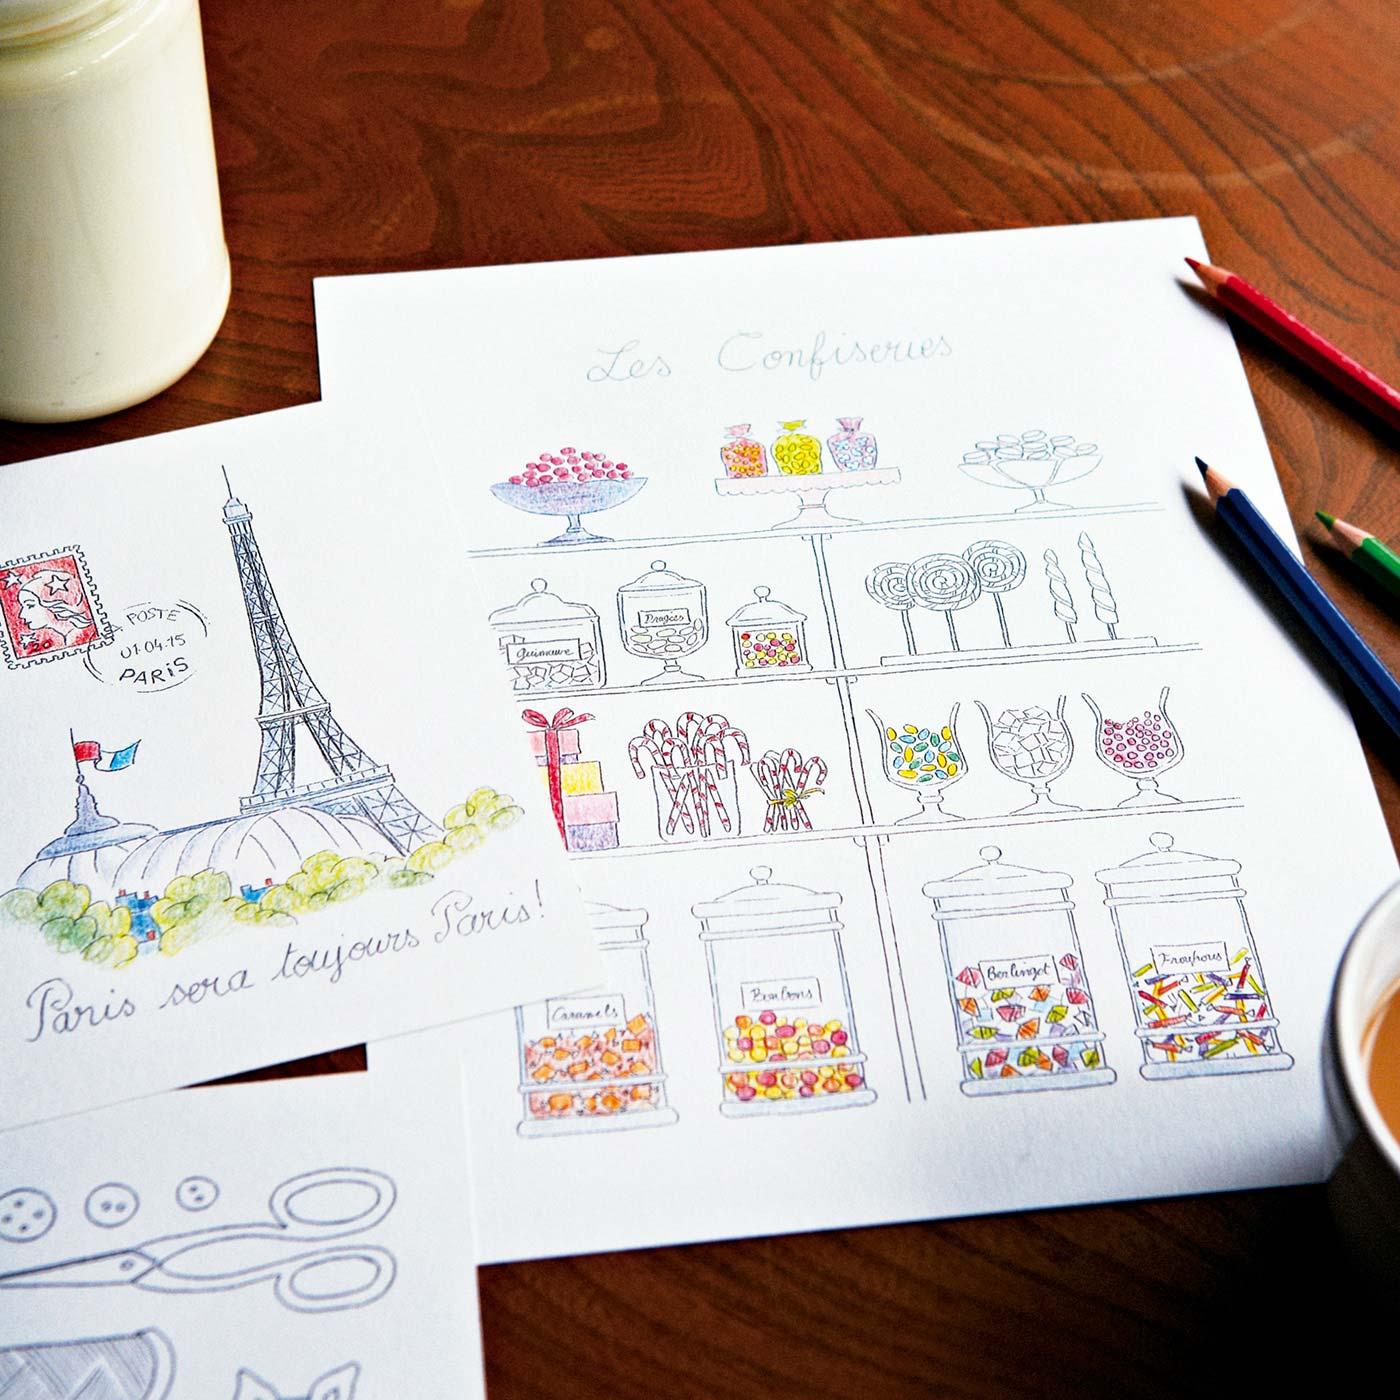 気持ちのおもむくままに! パリを旅するコロリアージュの会